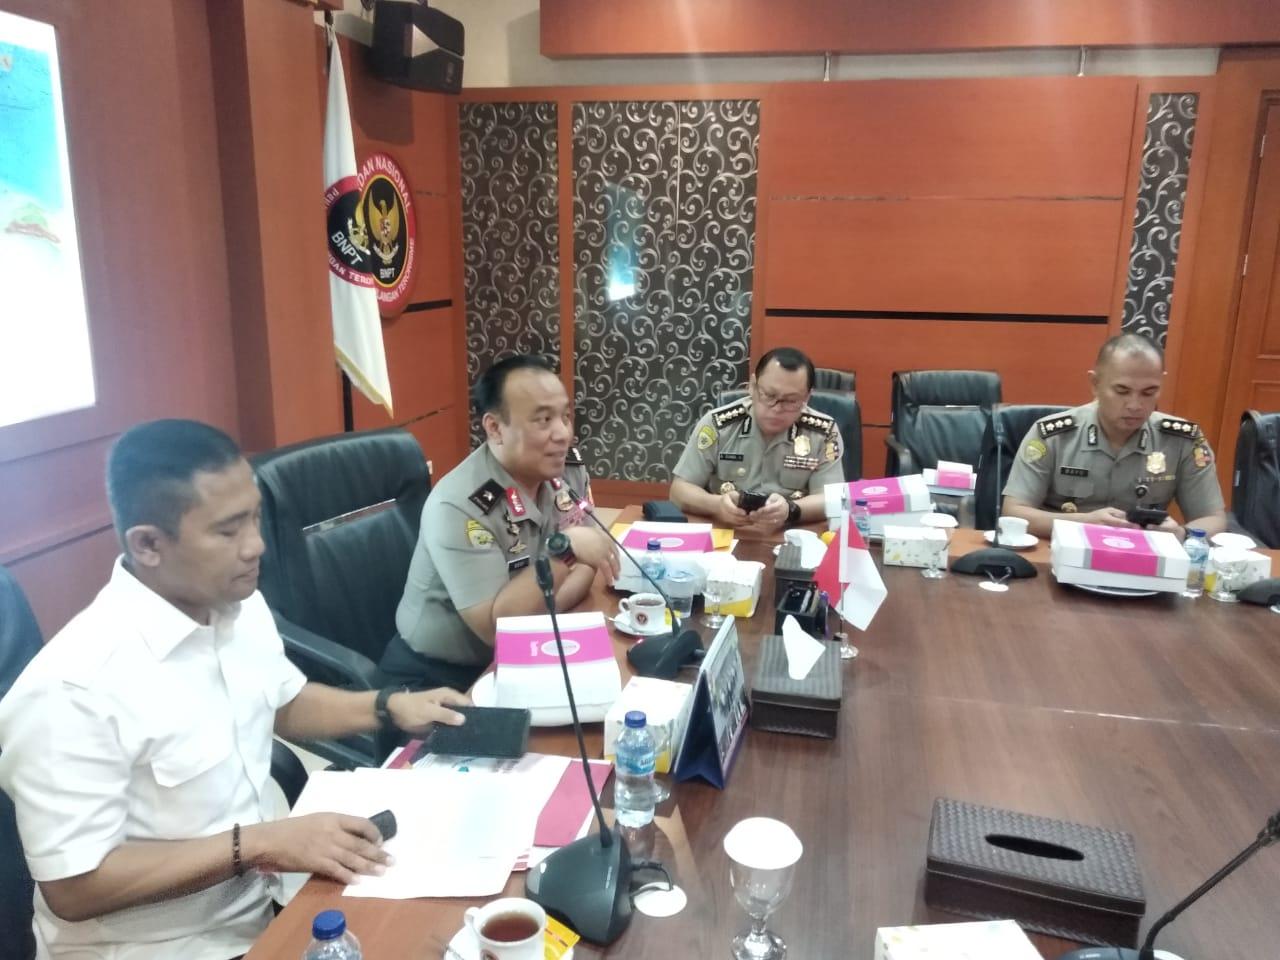 Karo Binkar Polri Kunjungi BNPT Bahas Jabatan Fungsional Dan Kerjasama Screening Pejabat Bahaya Terorisme